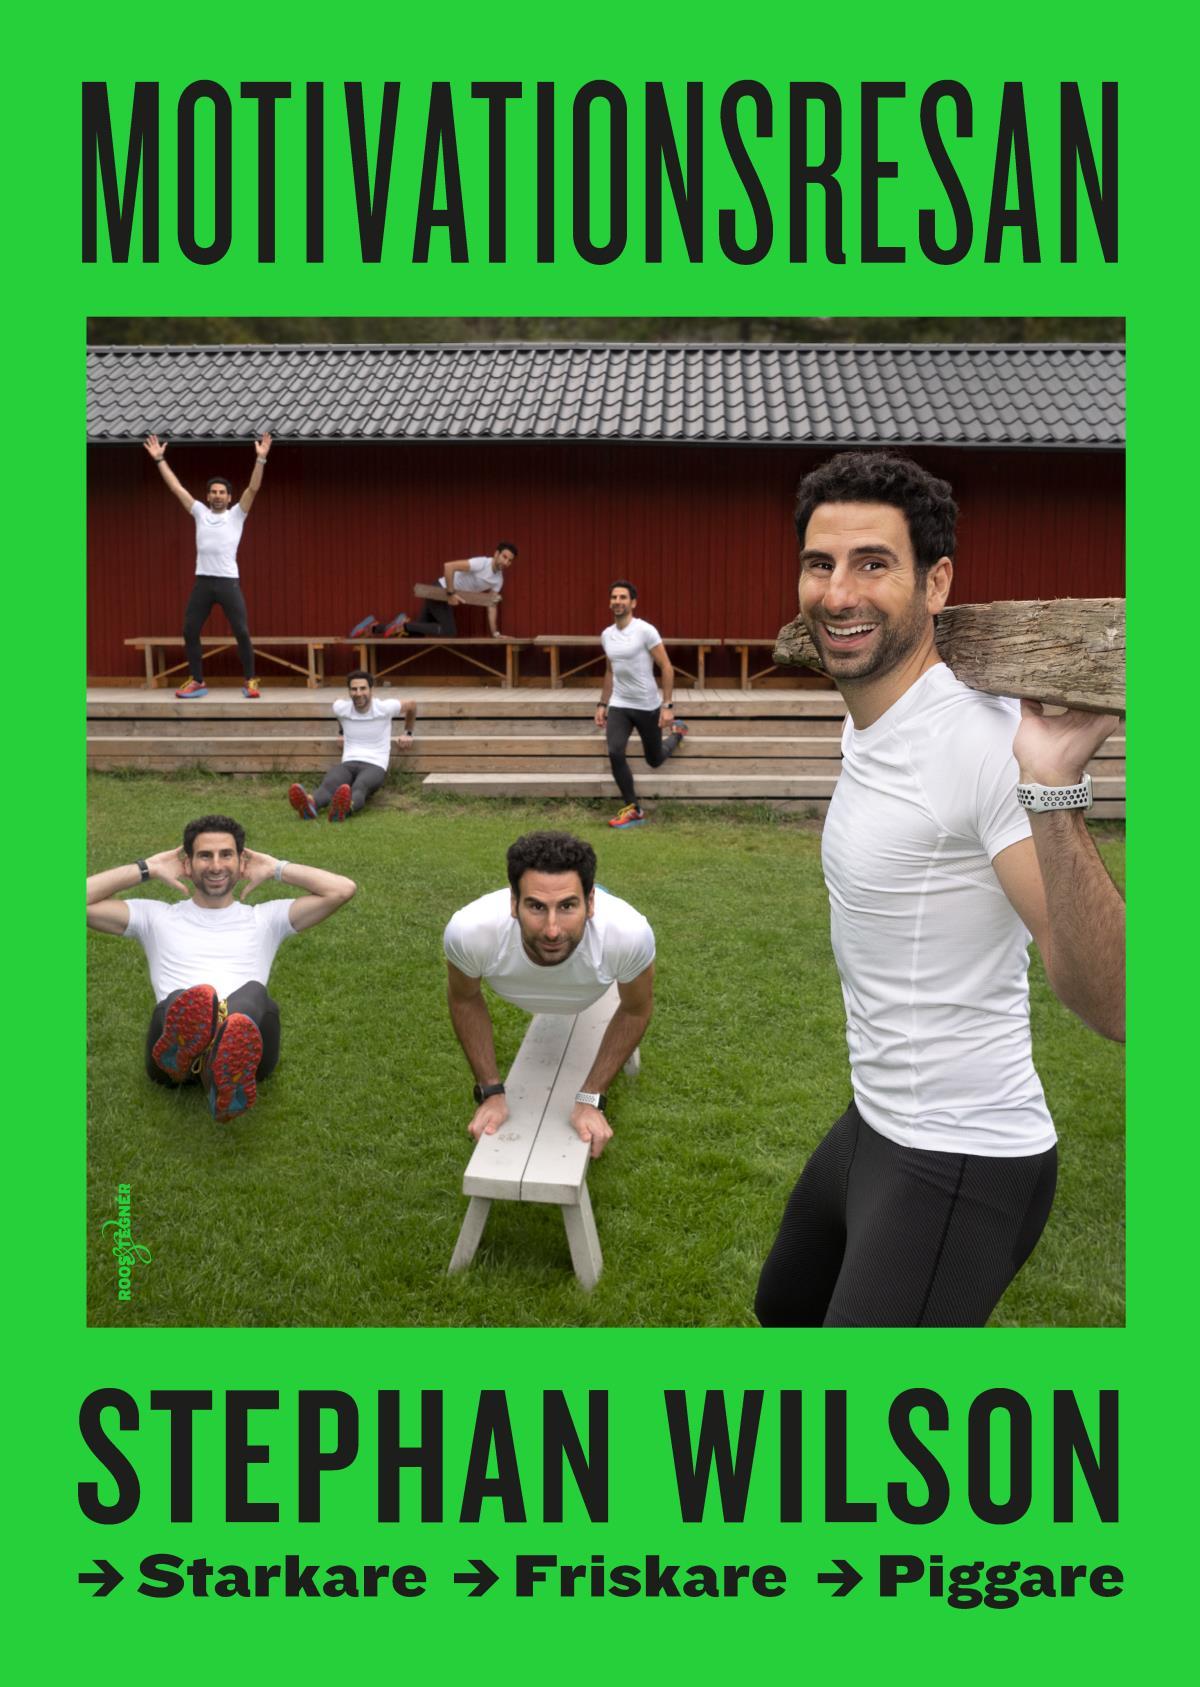 Motivationsresan - Friskare, Starkare Och Piggare Med Stephan Wilson